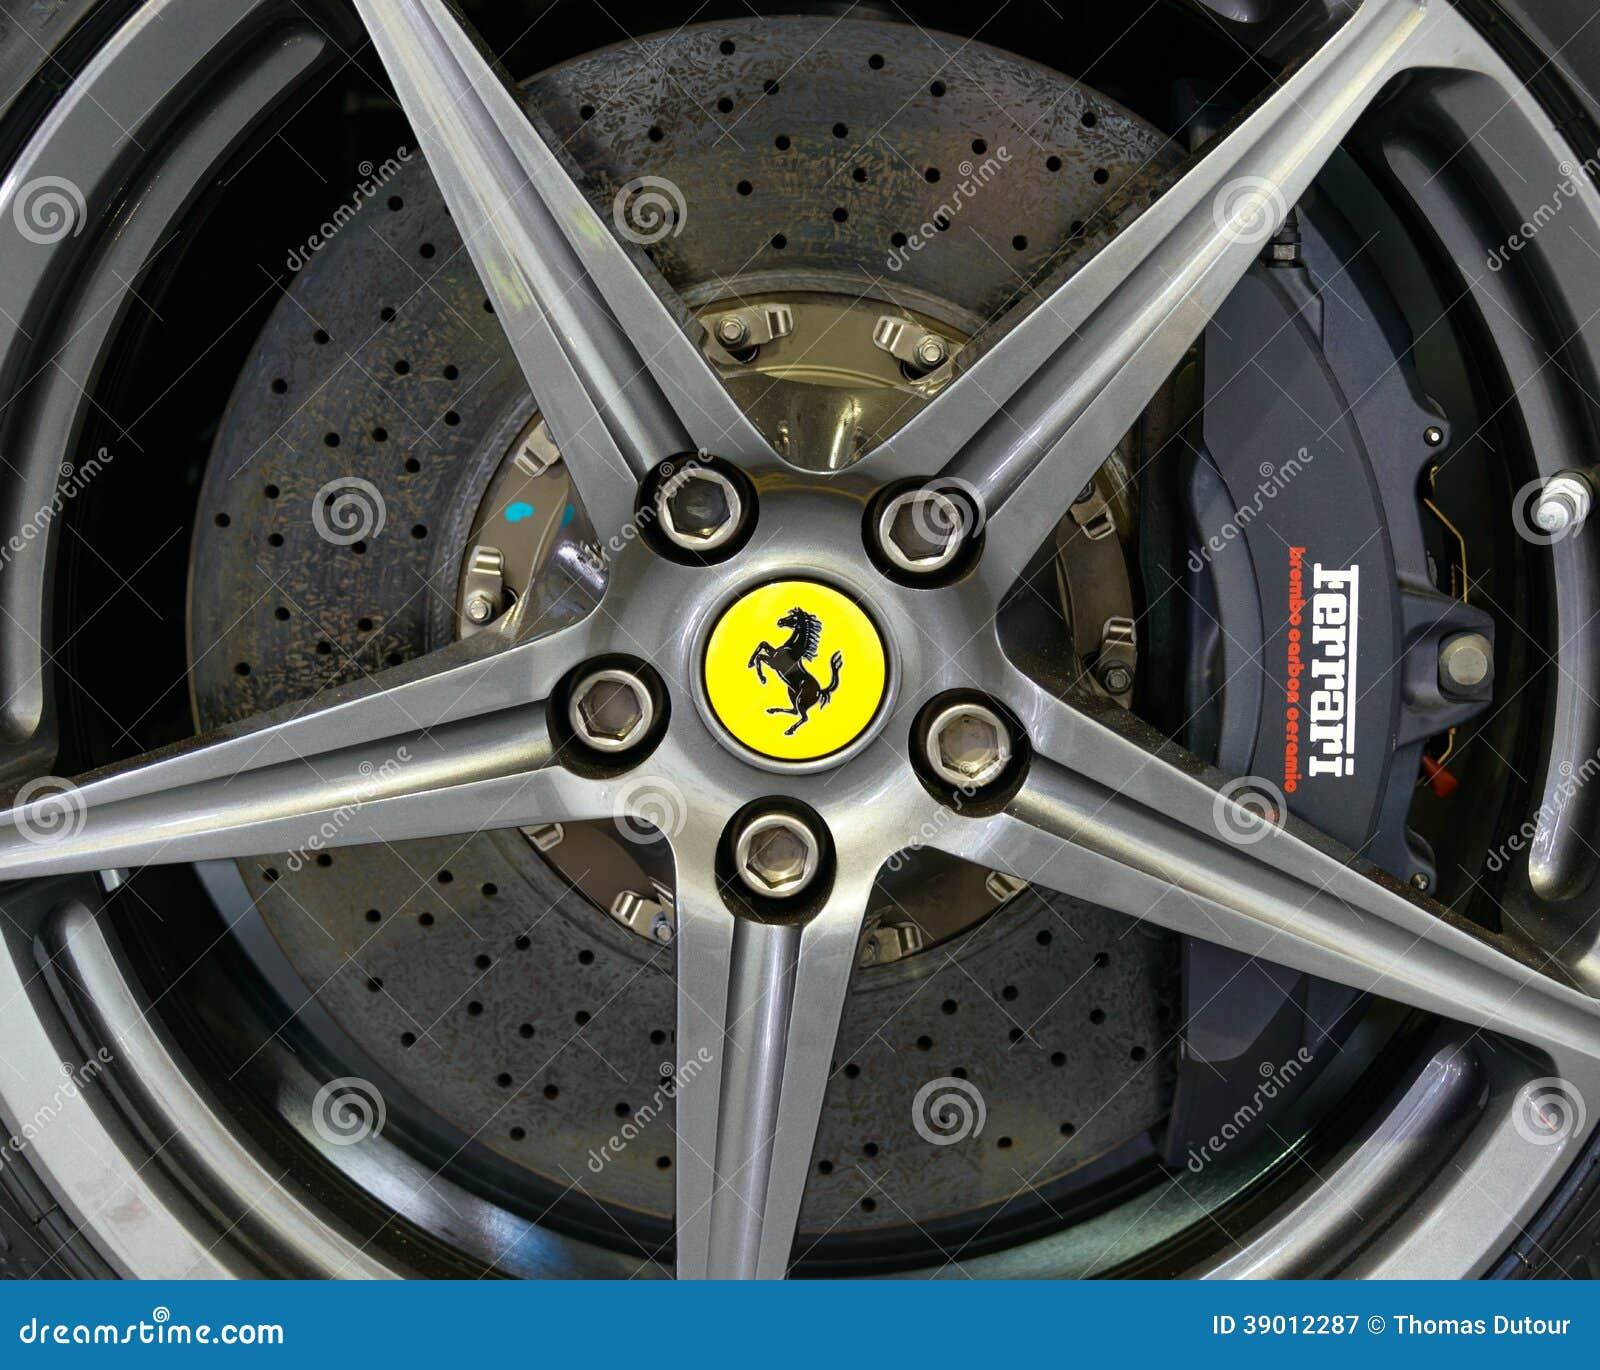 Brembo Carbon Brake On A Ferrari F12 Berlinetta Editorial